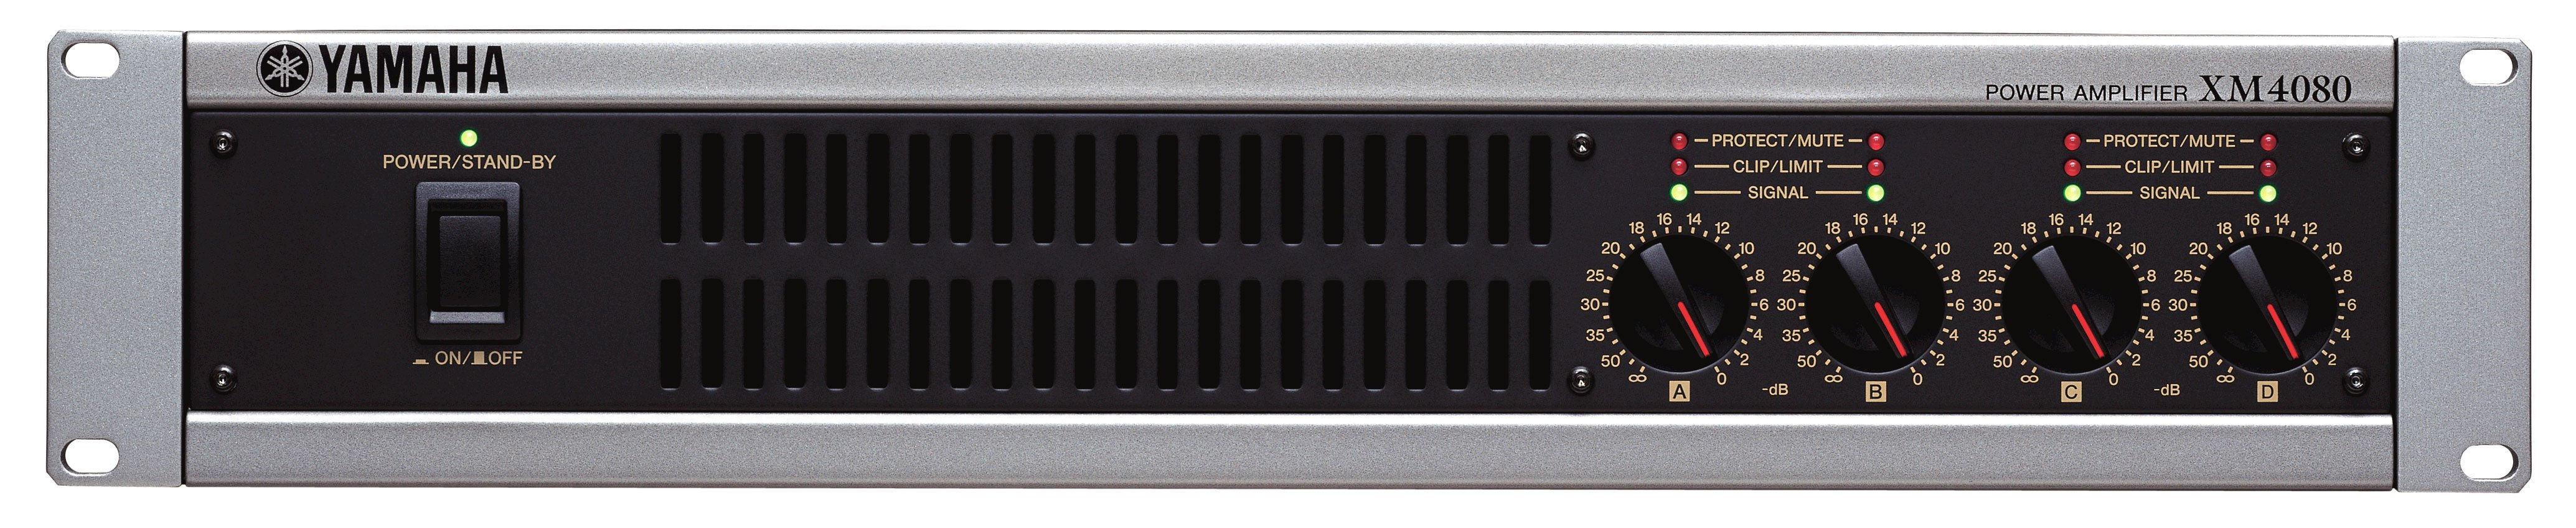 Yamaha XM4080 Amplifier 4-ch 115w 4-ohm 2u XM4080